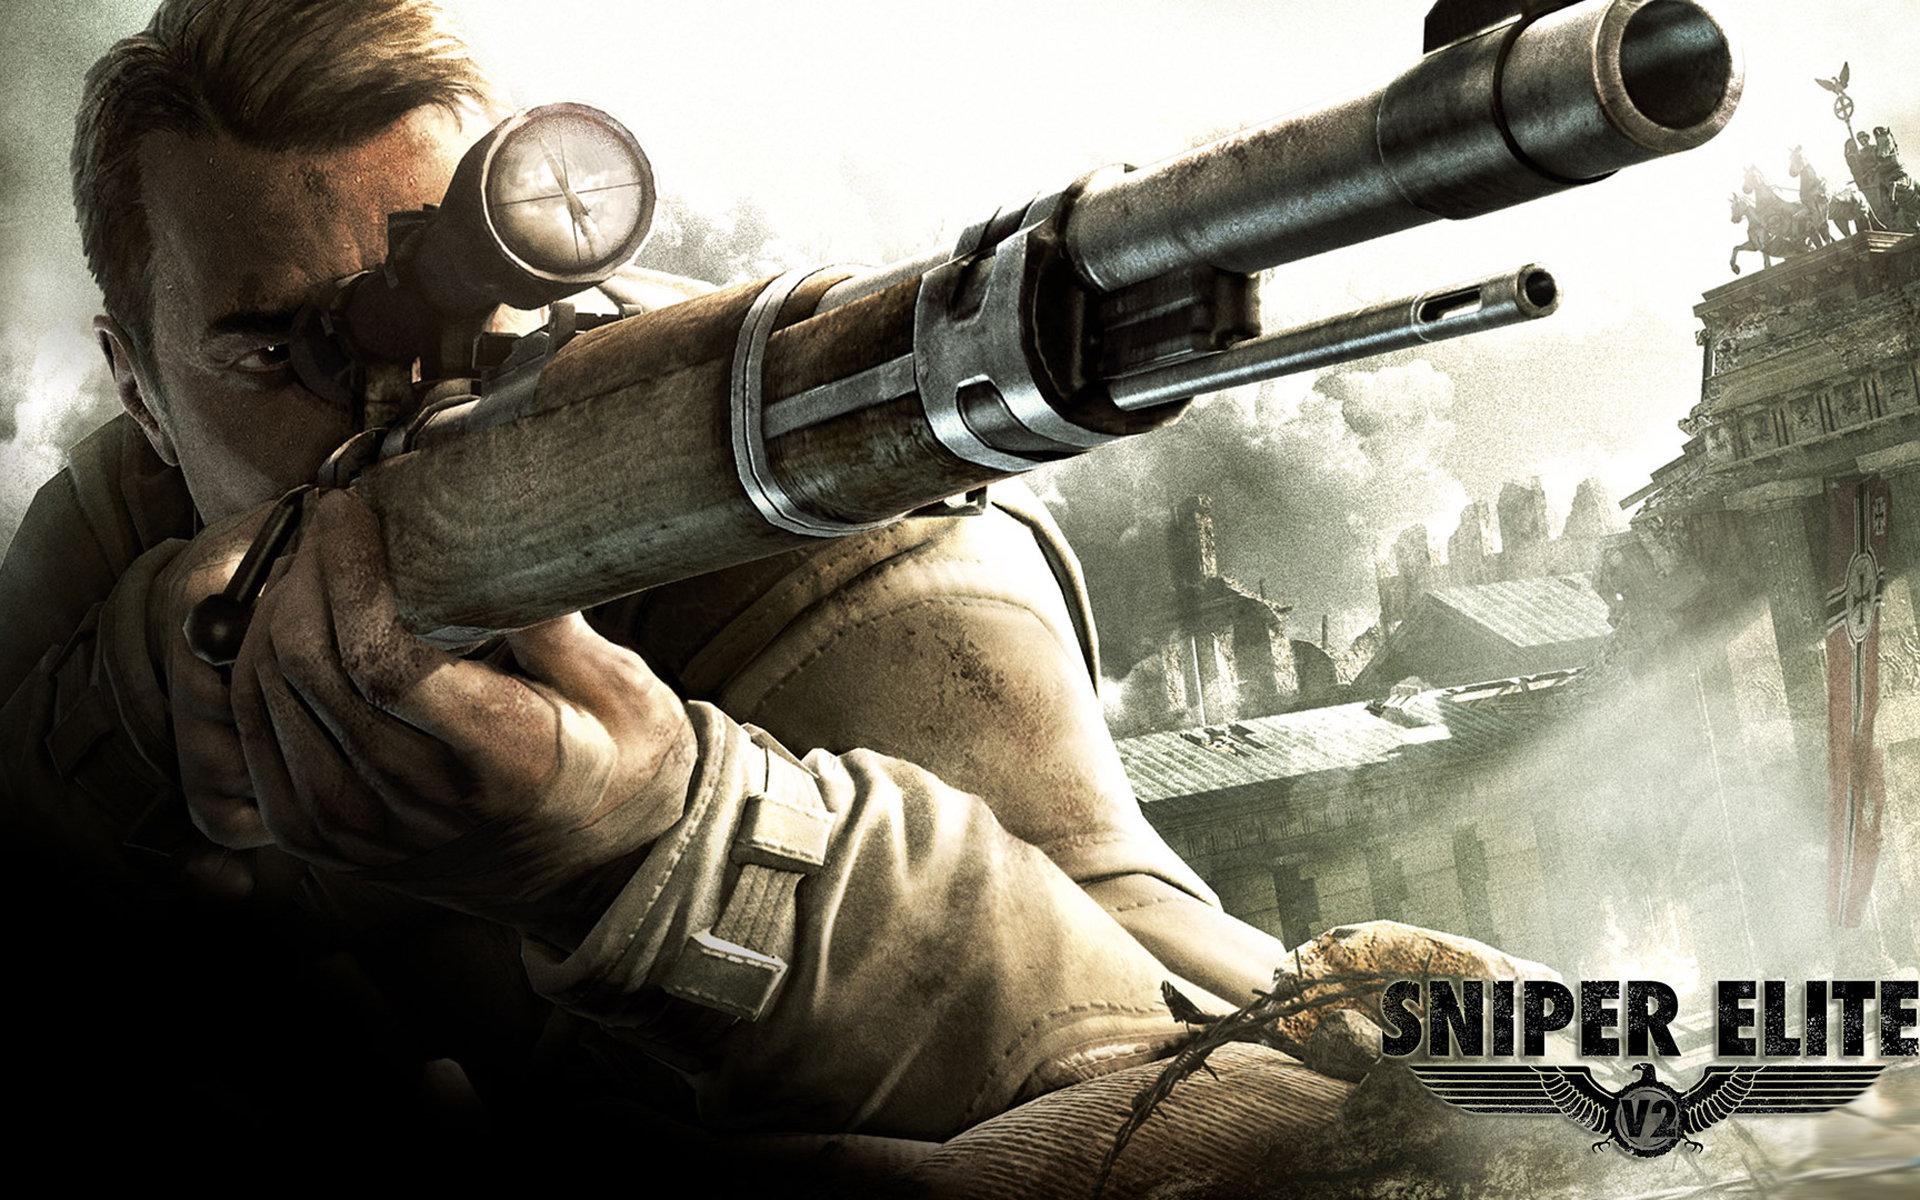 Sniper Elite V2 Wallpaper HD 1920x1200